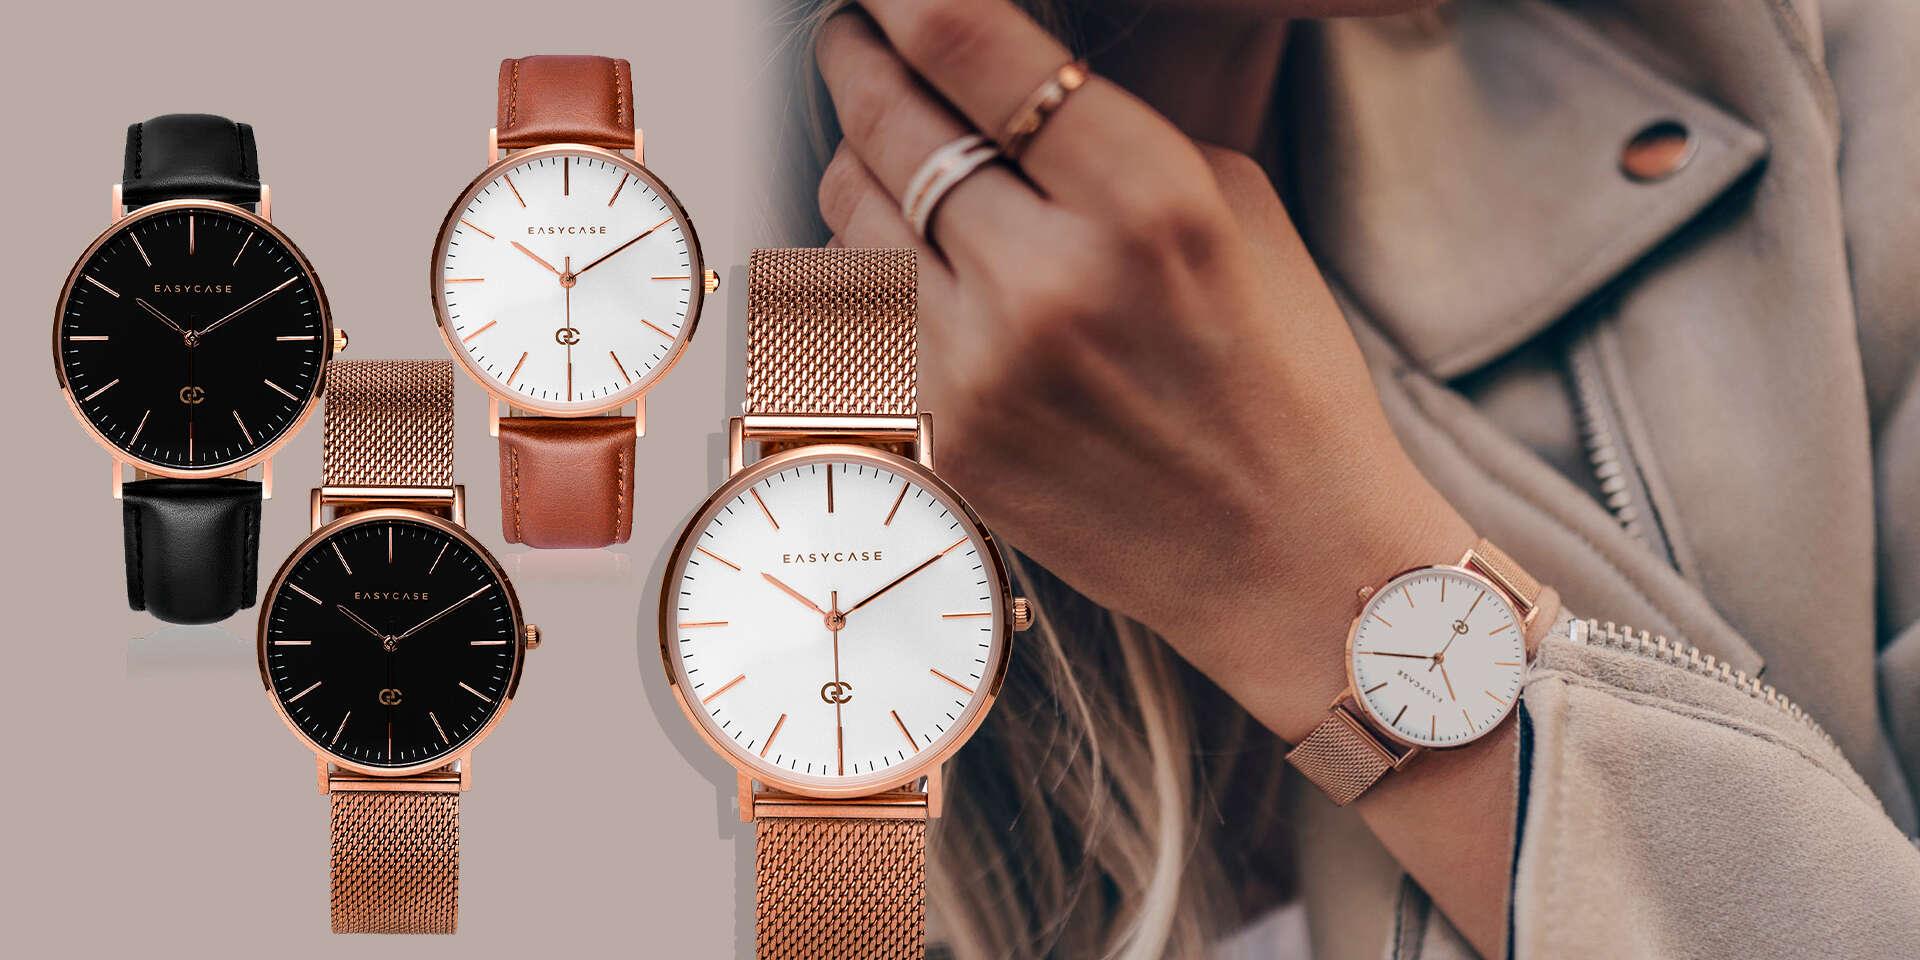 Exkluzívne náramkové hodinky Easycase s dvomi remienkami (pravá koža + kovový), doručenie kuriérom v cene do 48 hodín